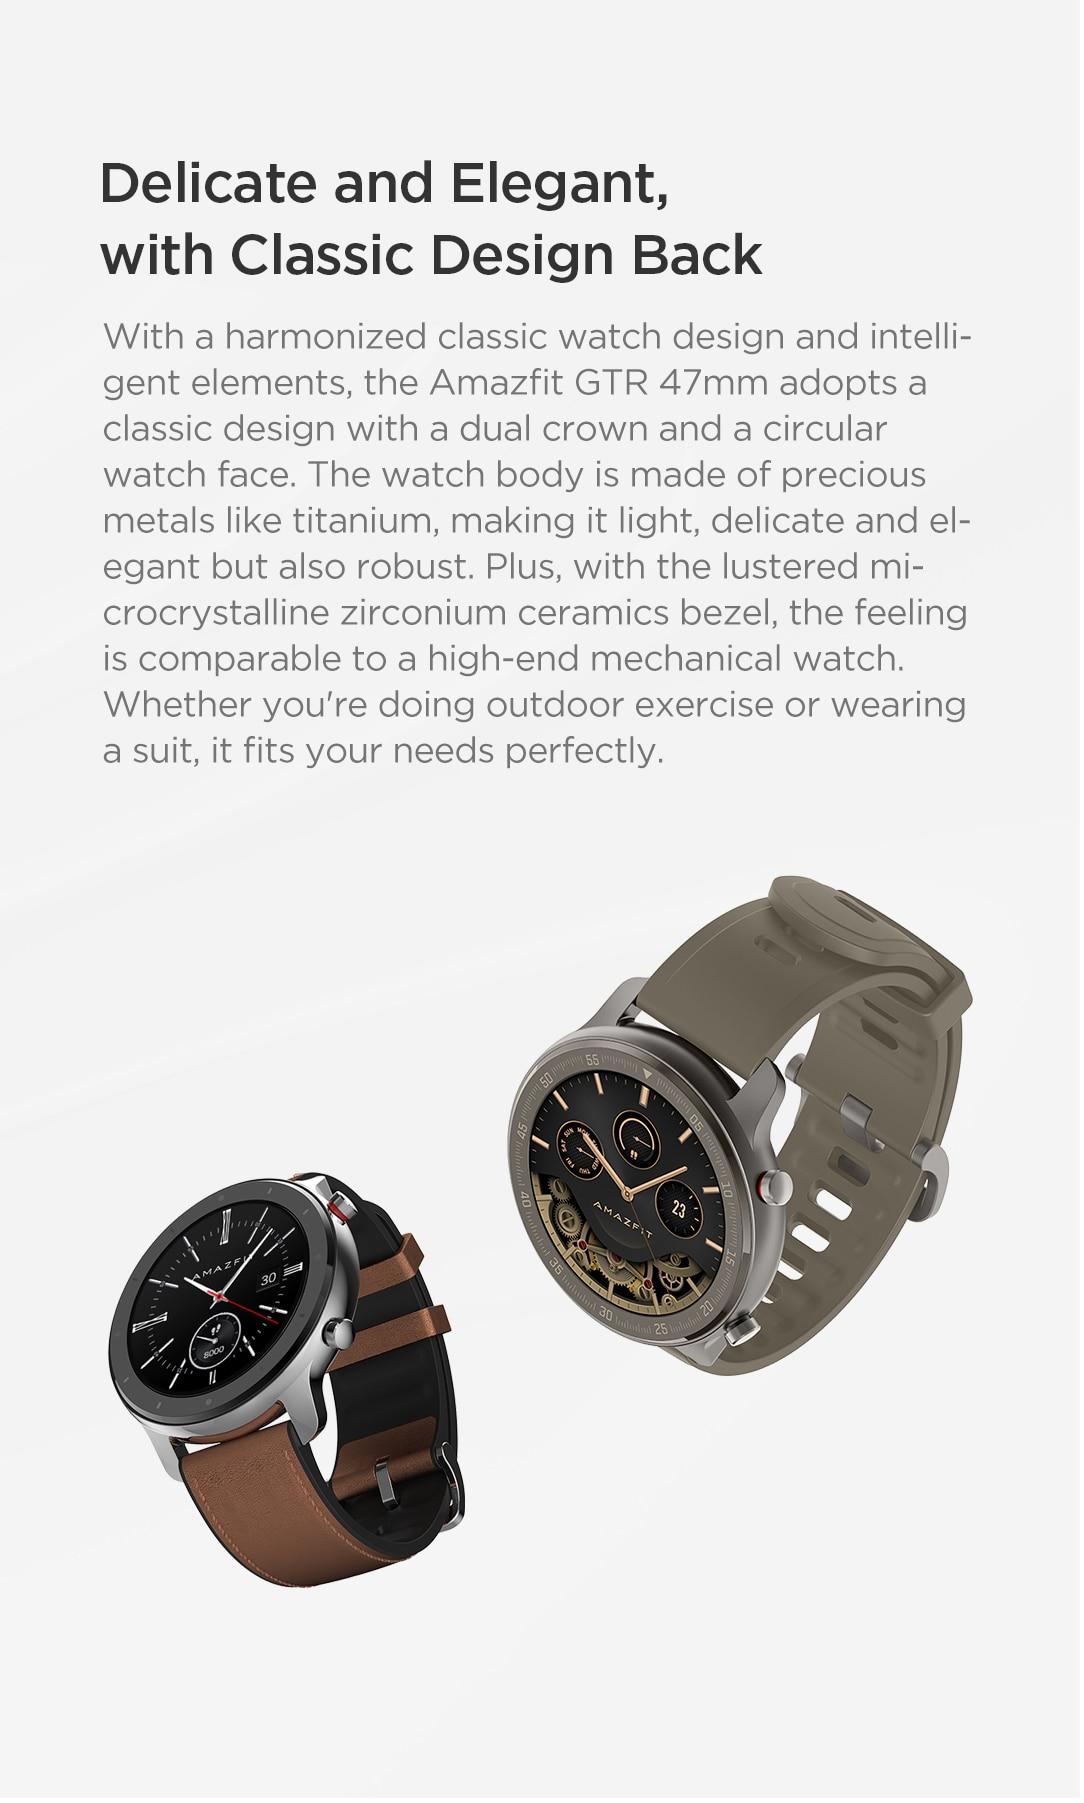 42mm relógio inteligente 5atm smartwatch 12 dias